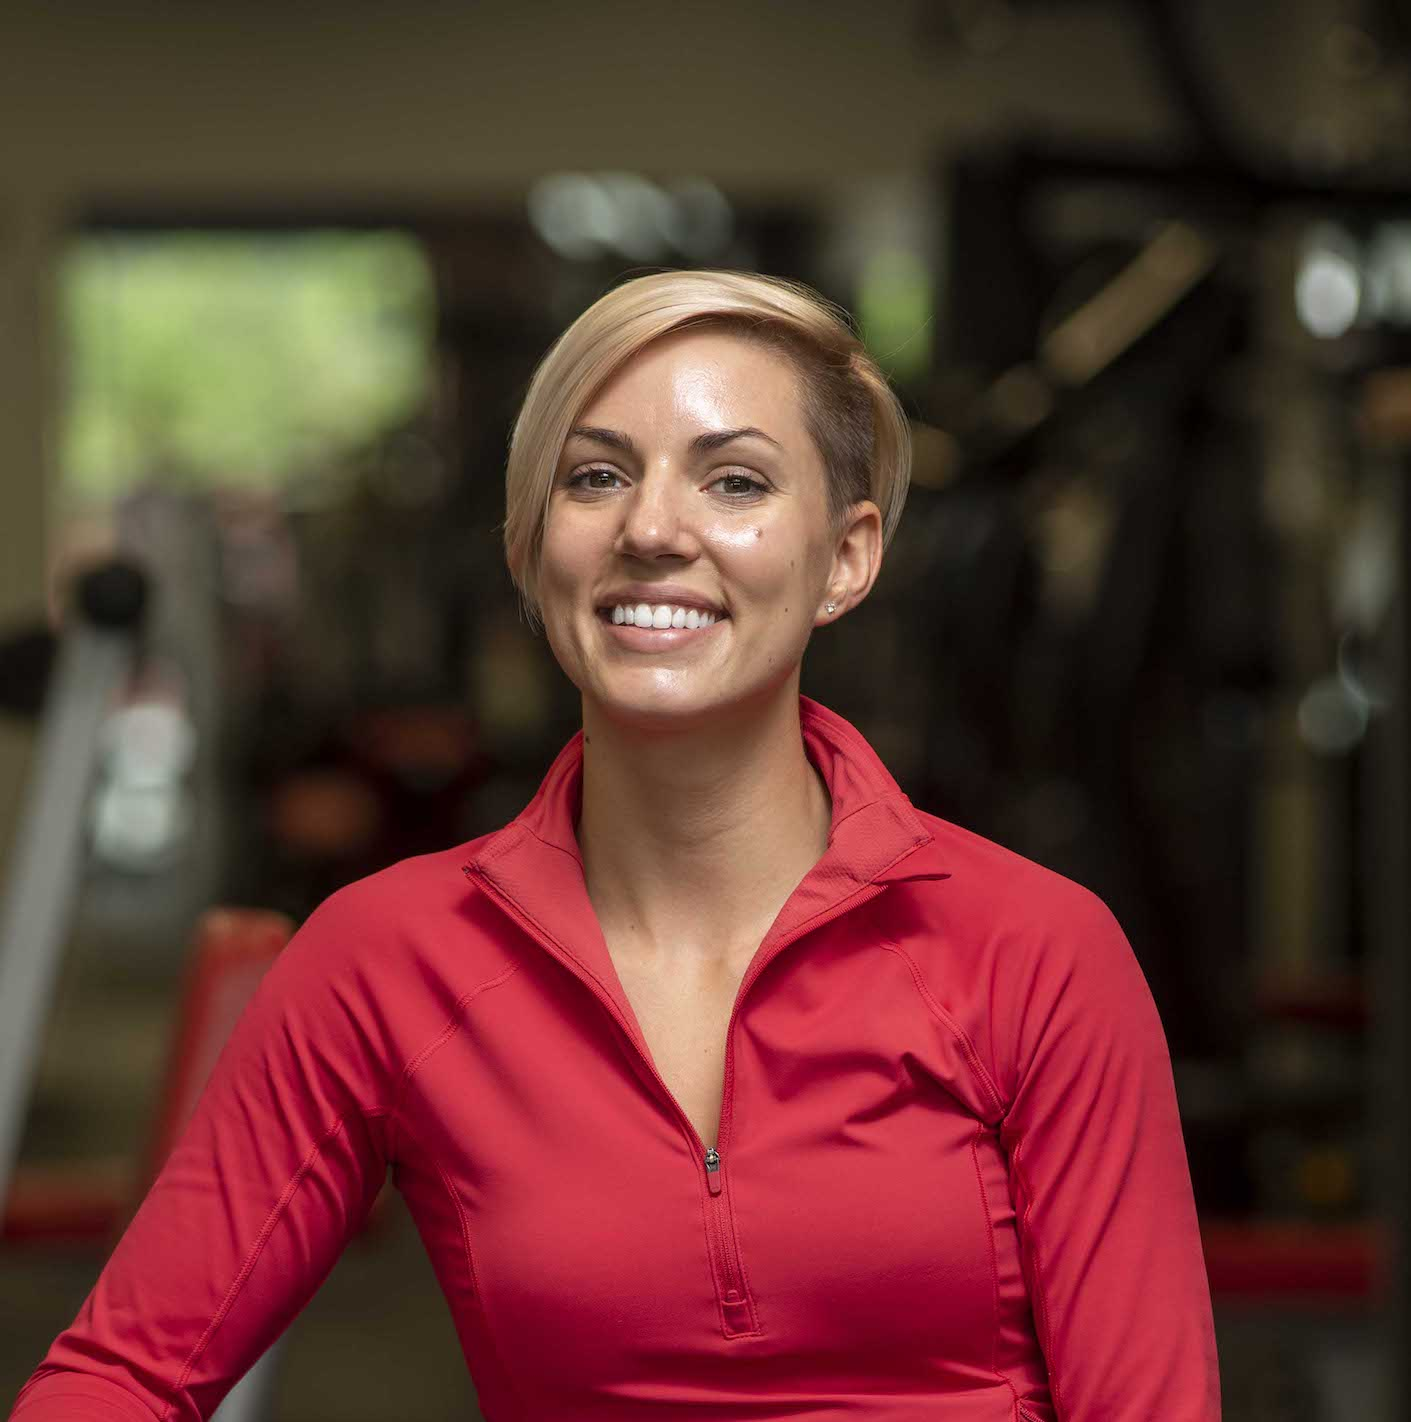 Samantha Gibson